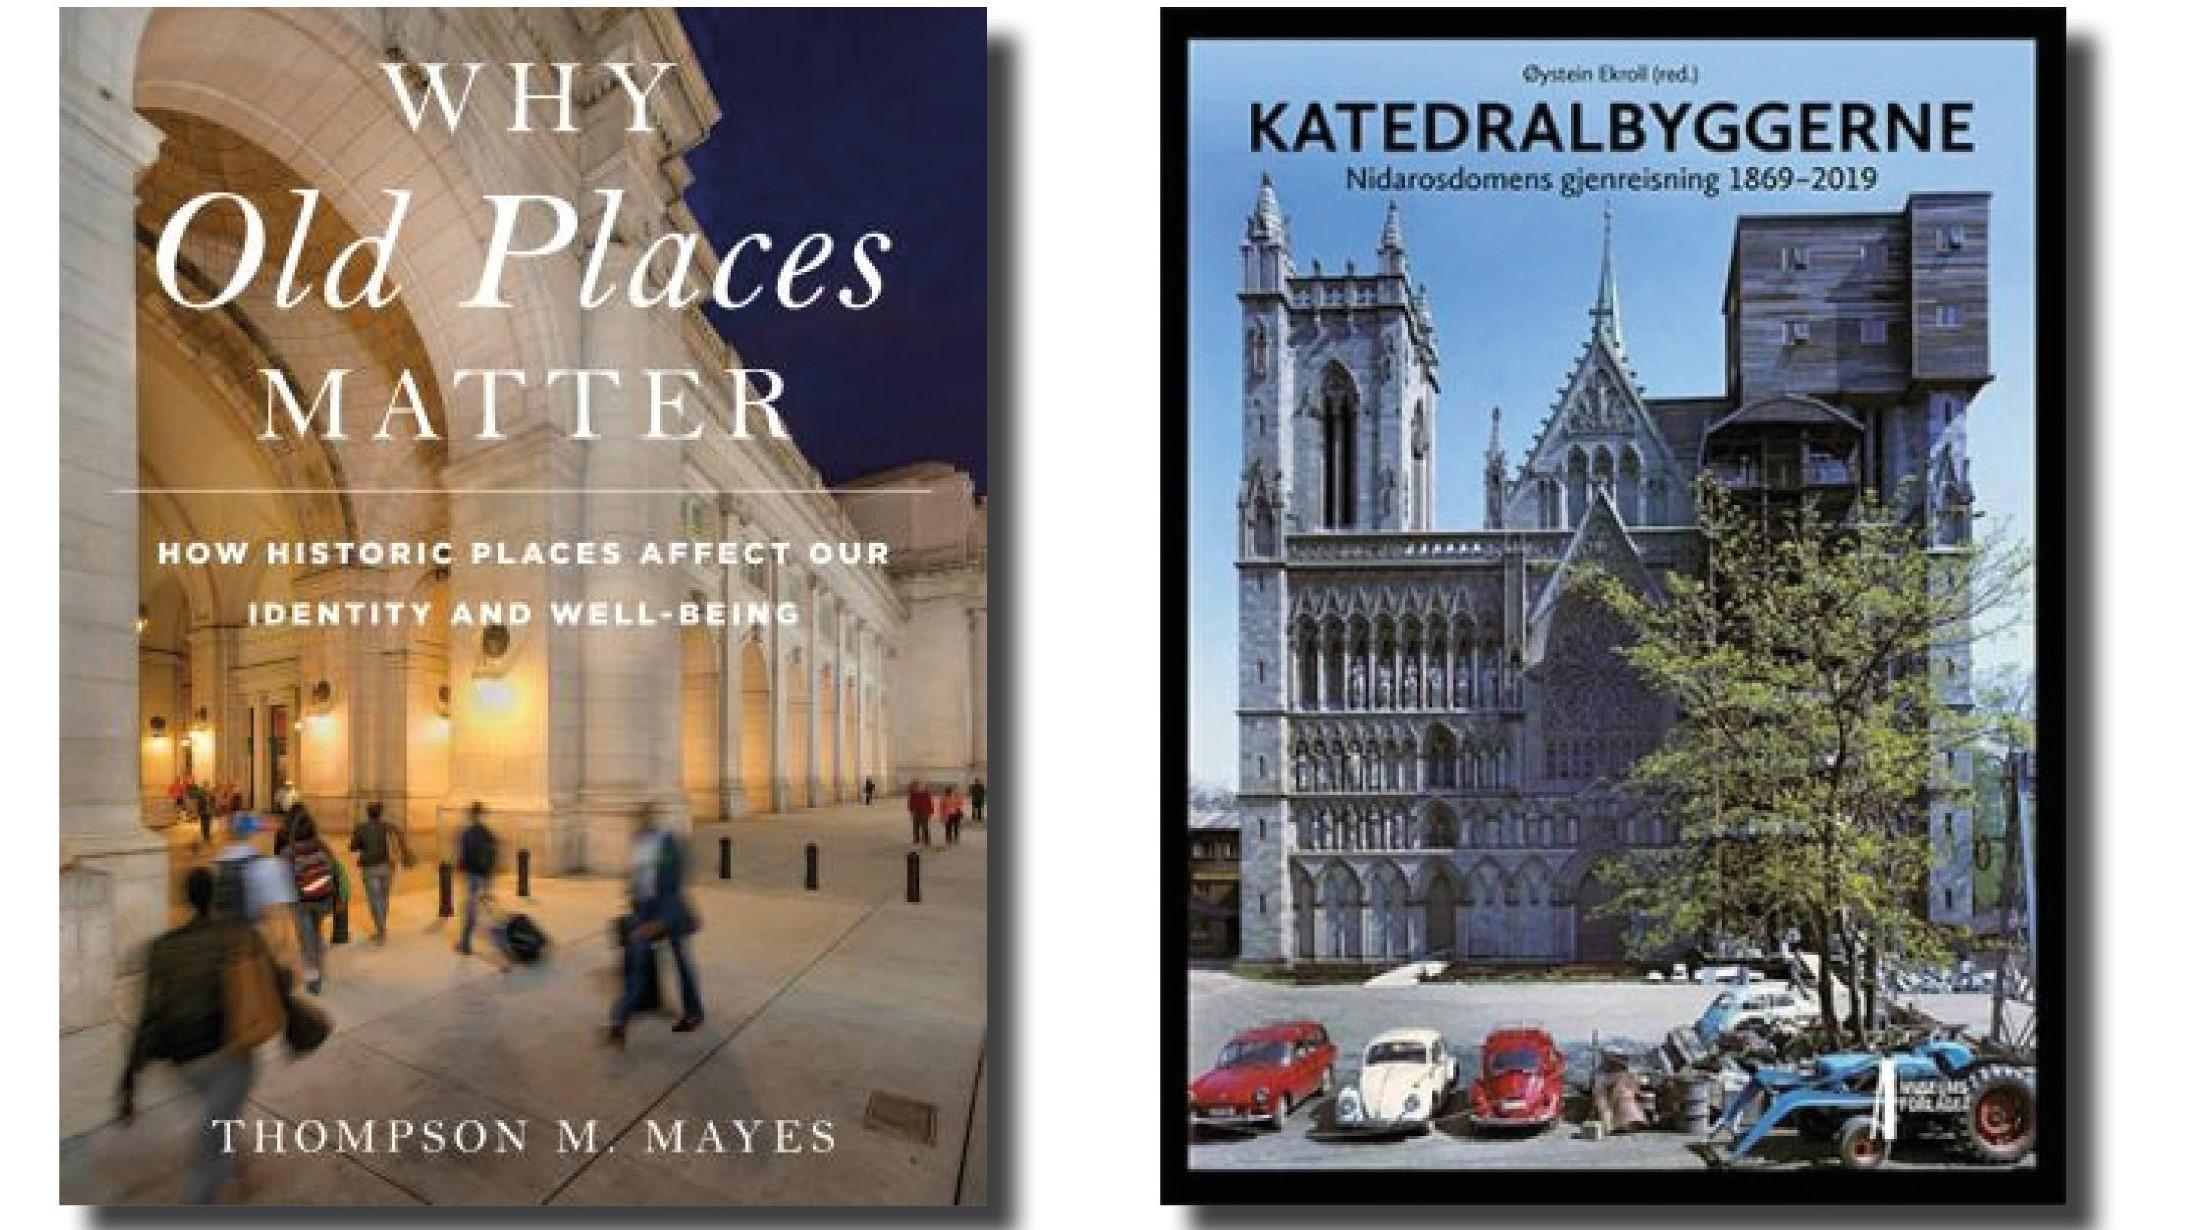 Bilde av bøkene Why Old Places Matter og Katedralbyggerne